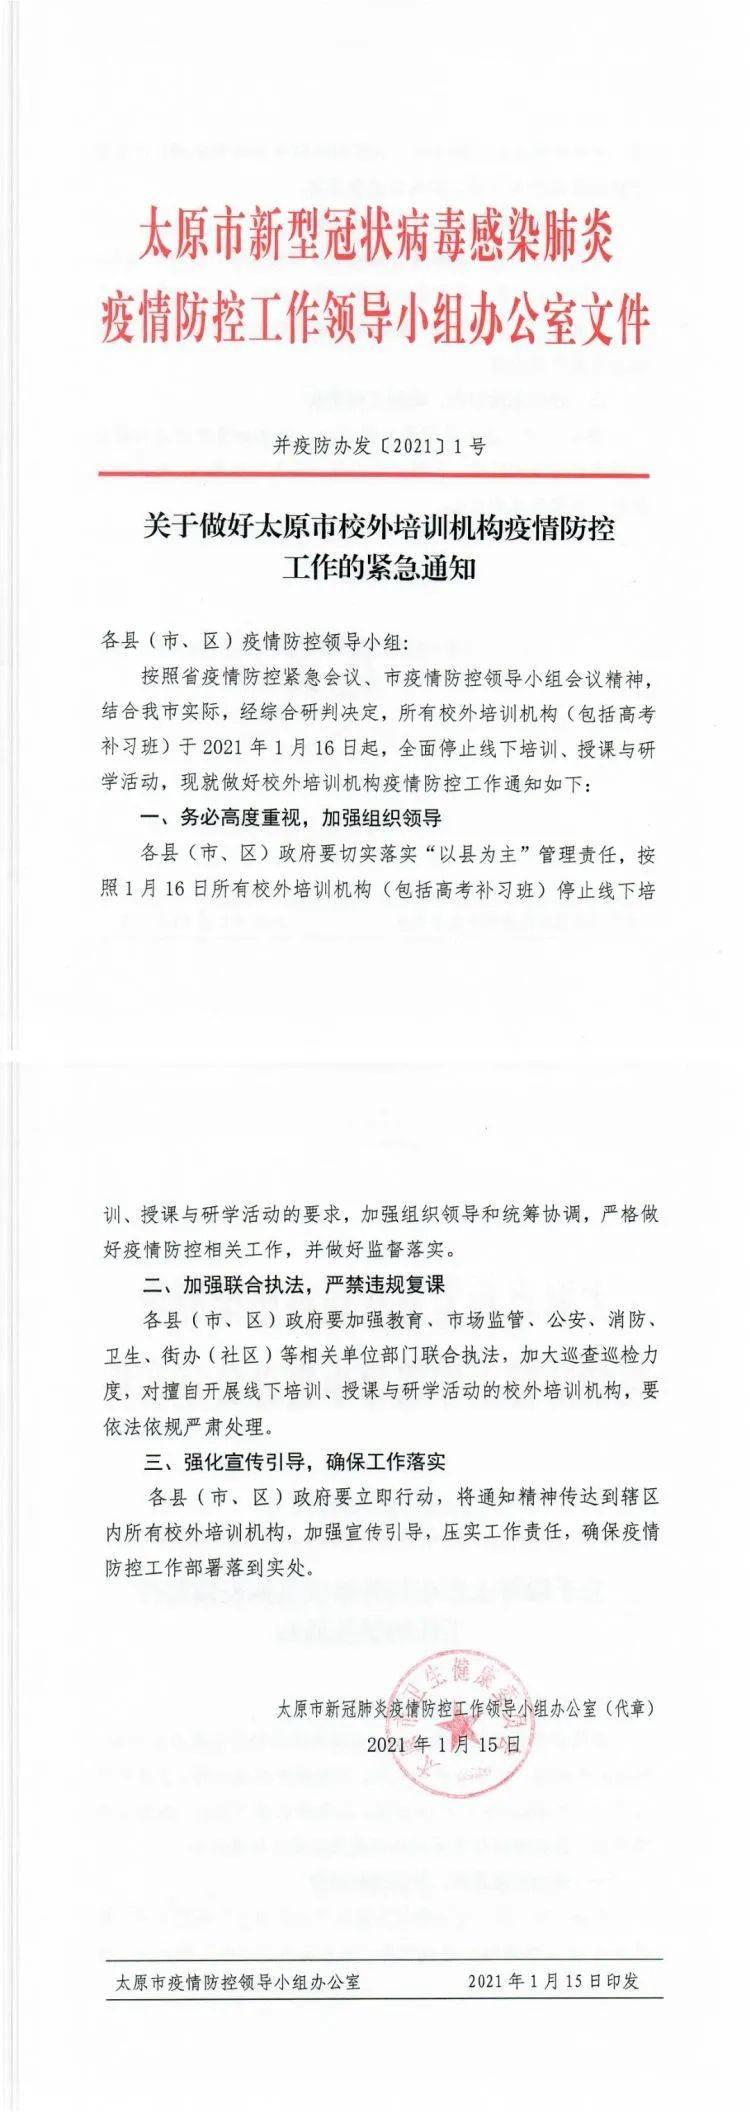 1月16日起,太原全面停止线下培训